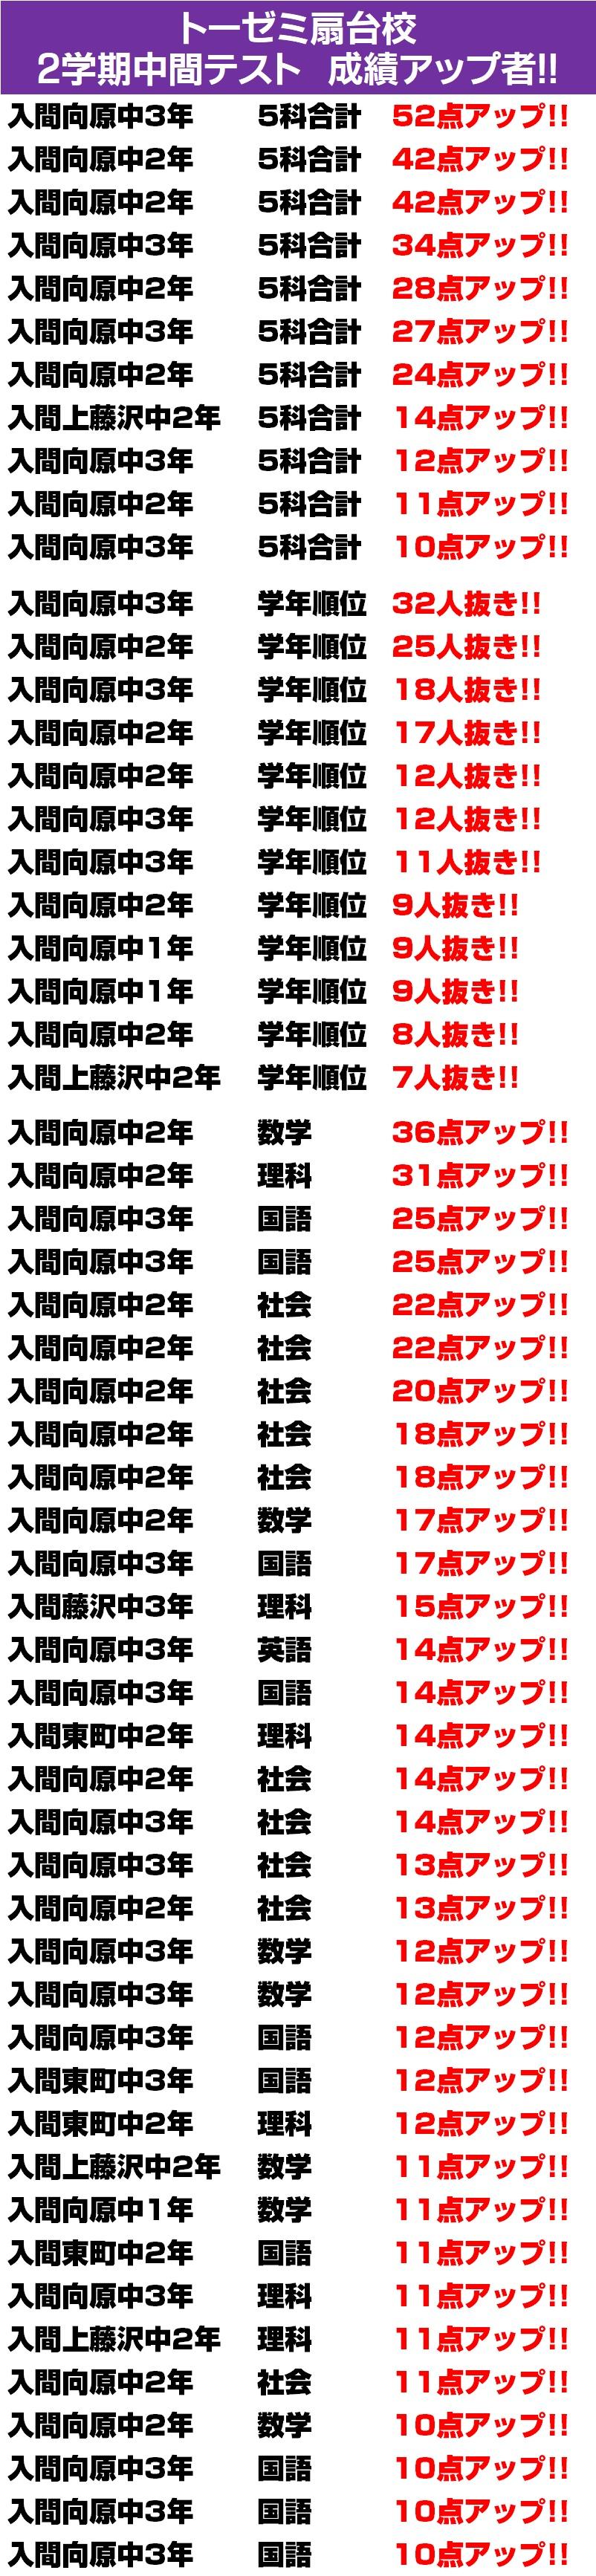 2学期中間テスト成績アップ!(学習塾トーゼミ 扇台校)